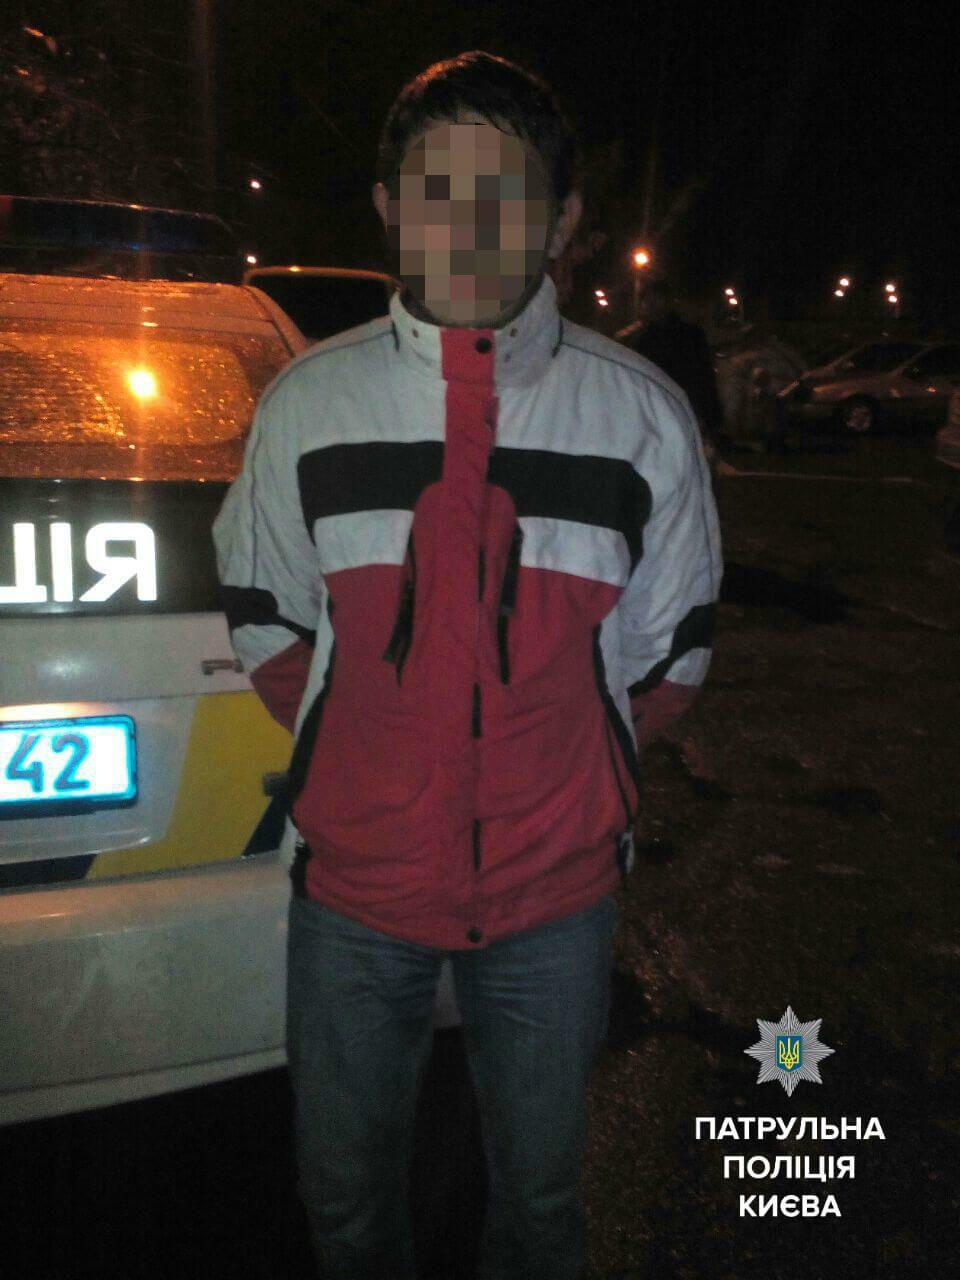 В Киеве мужчина избил и ограбил прохожую